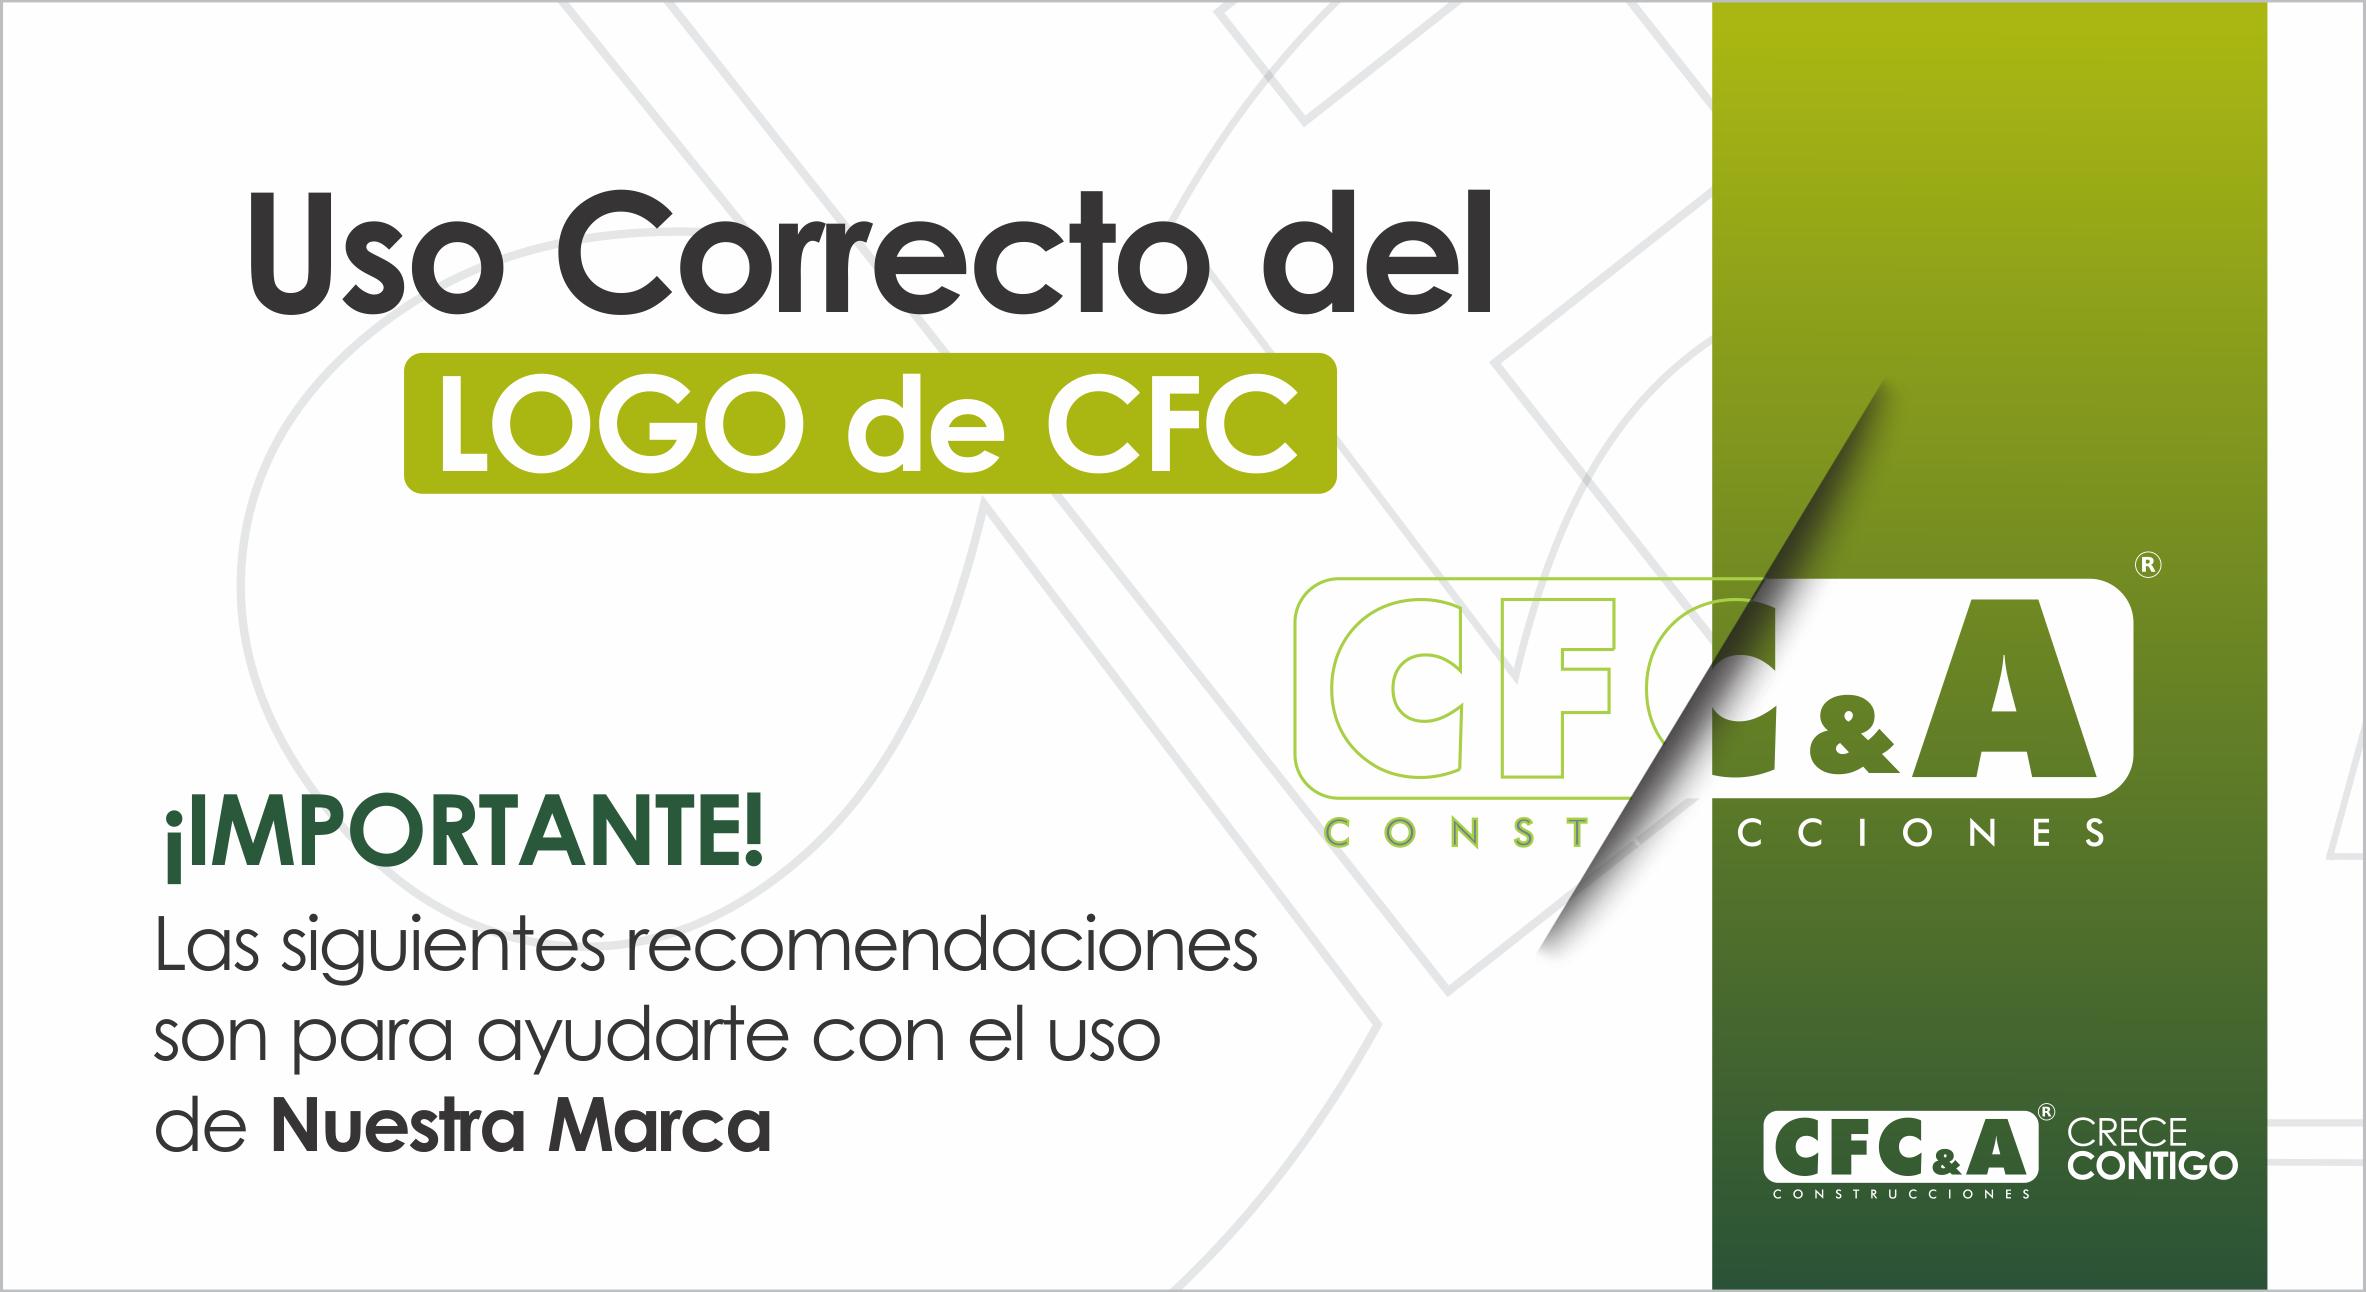 ¿Cómo hacer un uso correcto de nuestro logo CFC?